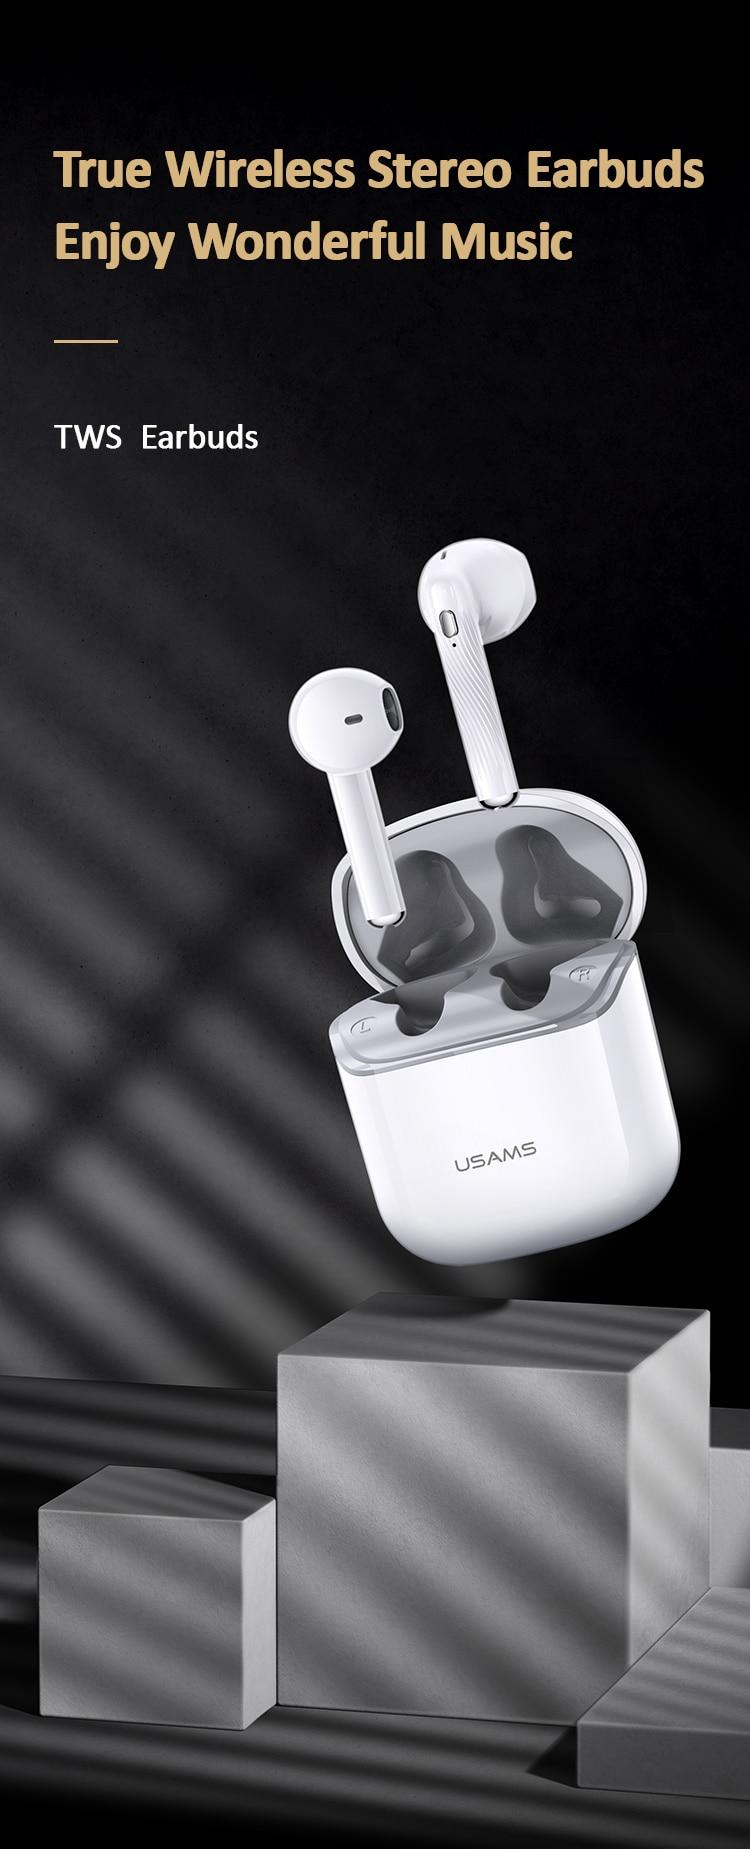 无线蓝牙-TWS双耳式耳机-声韵系列-USAMS-SY02_01